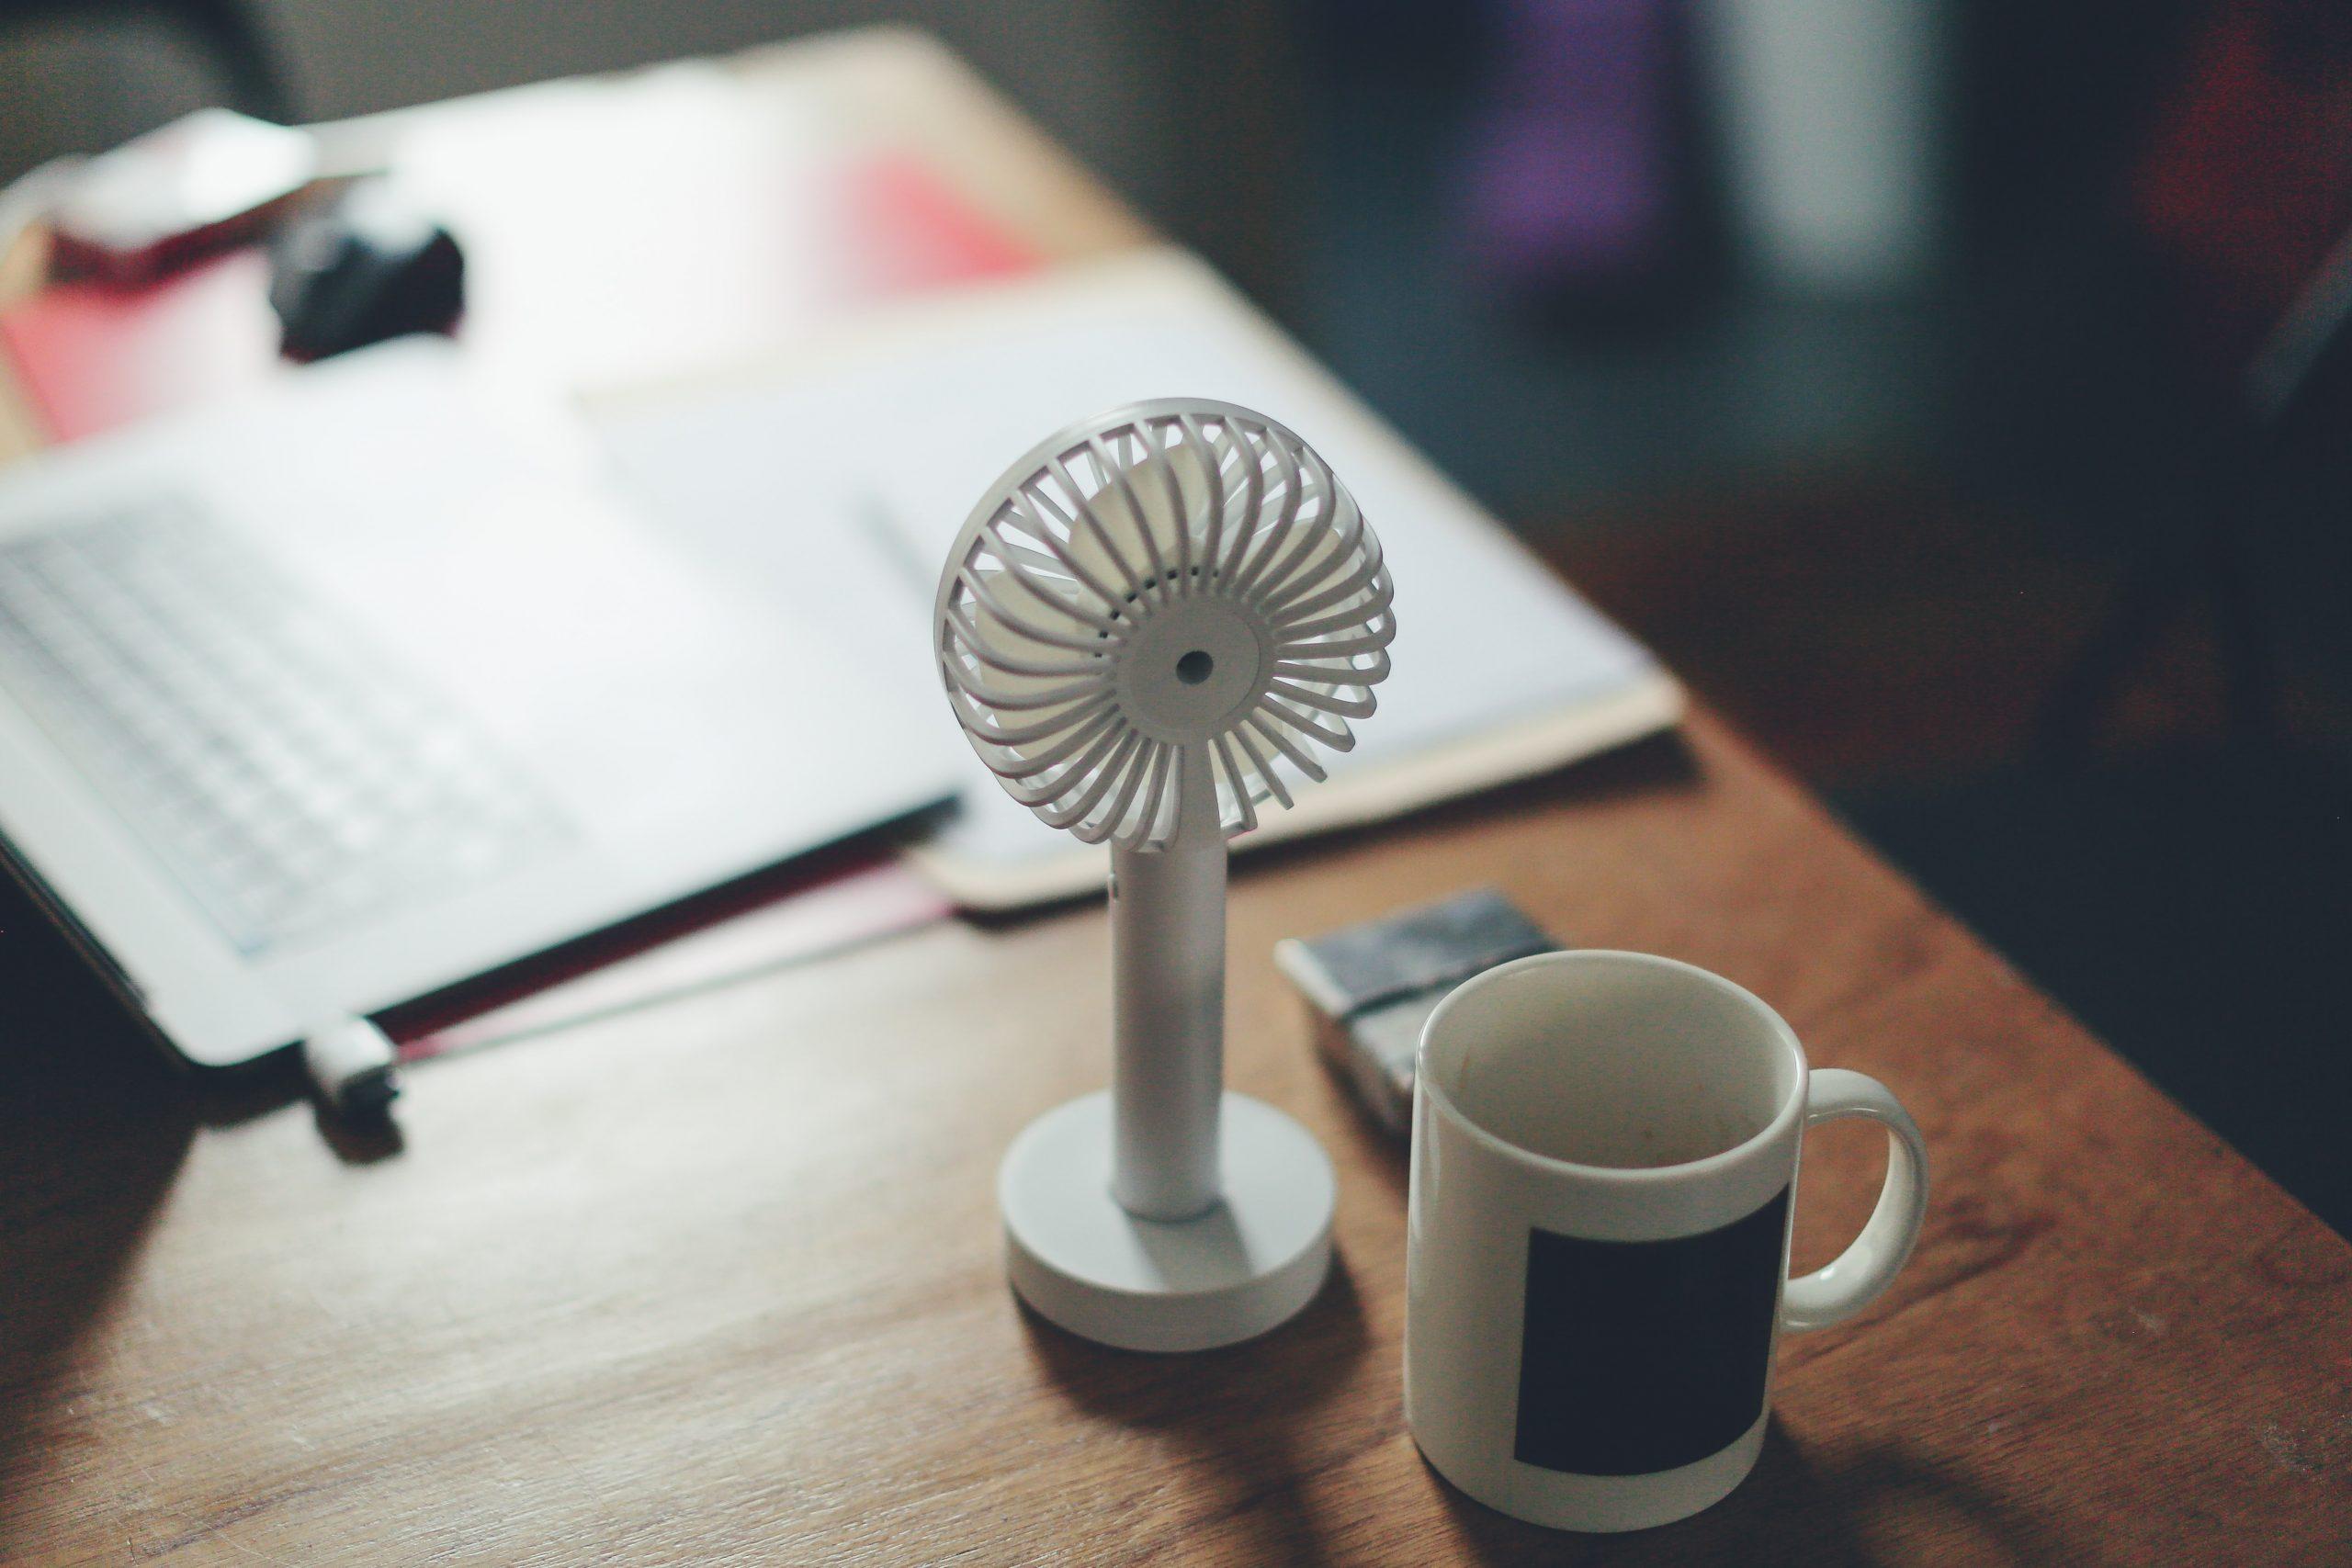 Imagem de um ventilador.